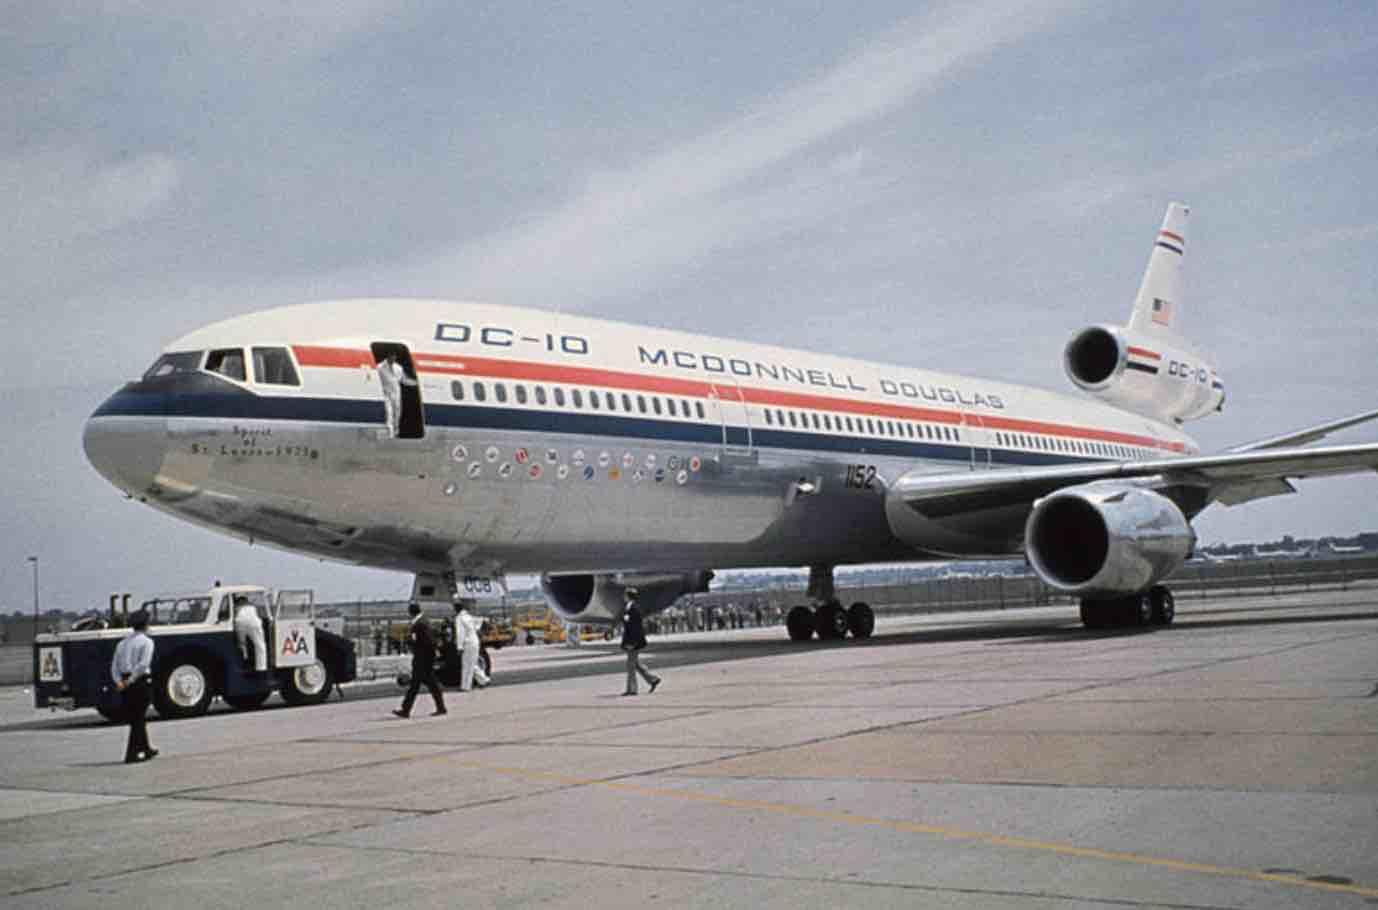 Le Douglas DC 10